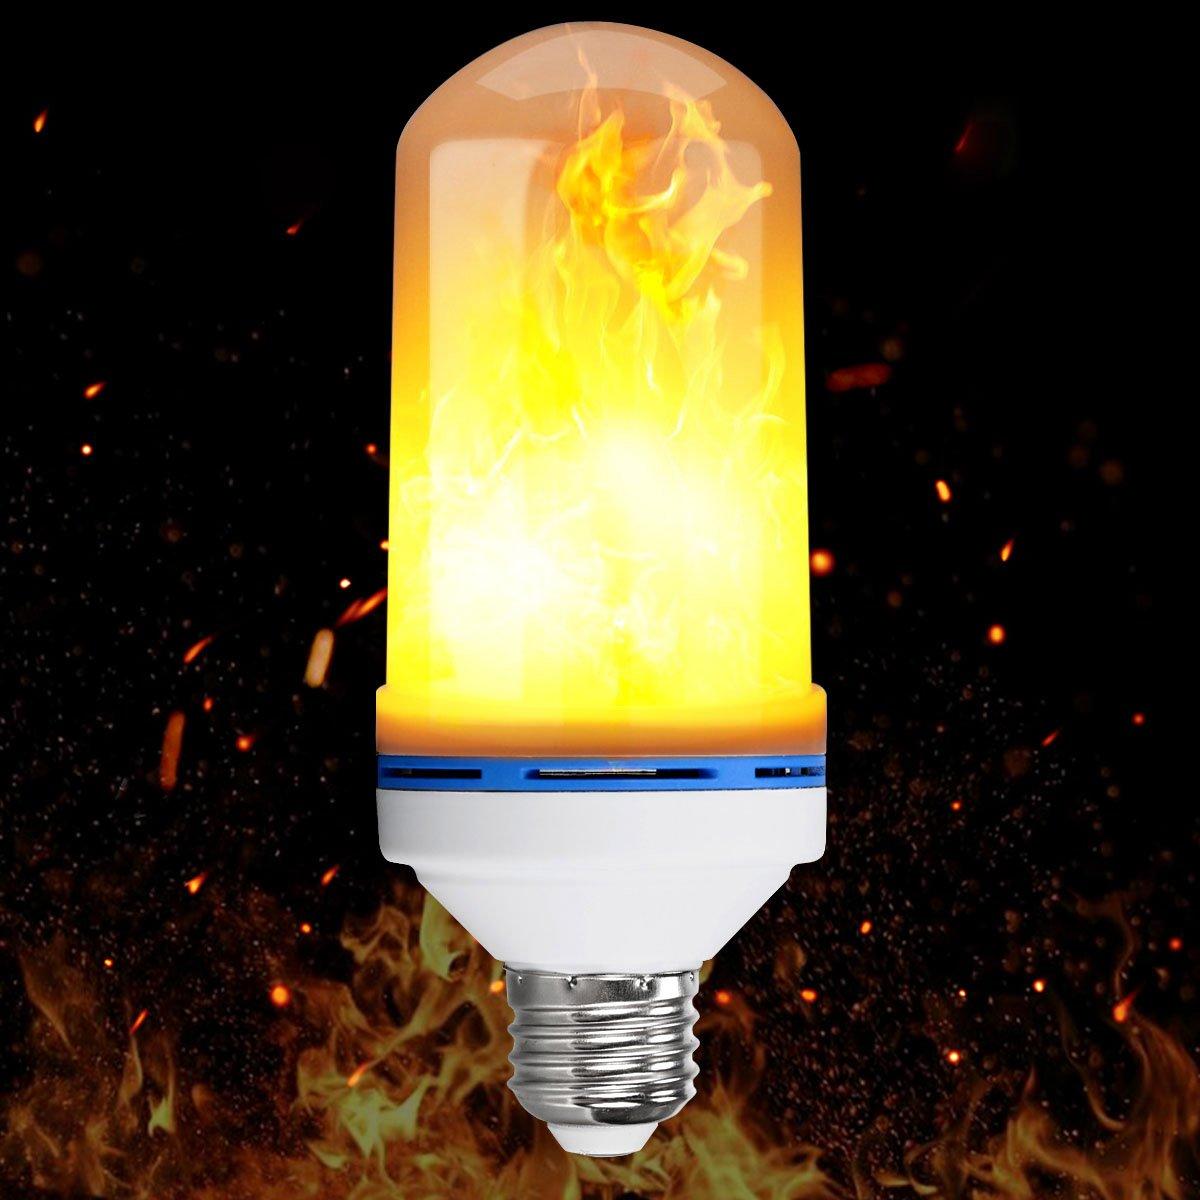 LED炎効果ライト電球、aonokoy e26標準ベースLEDちらつき炎ライト電球、Simulated装飾ライト雰囲気照明ヴィンテージFlamingライトバルブバー/祭用装飾 B077TR1T8J